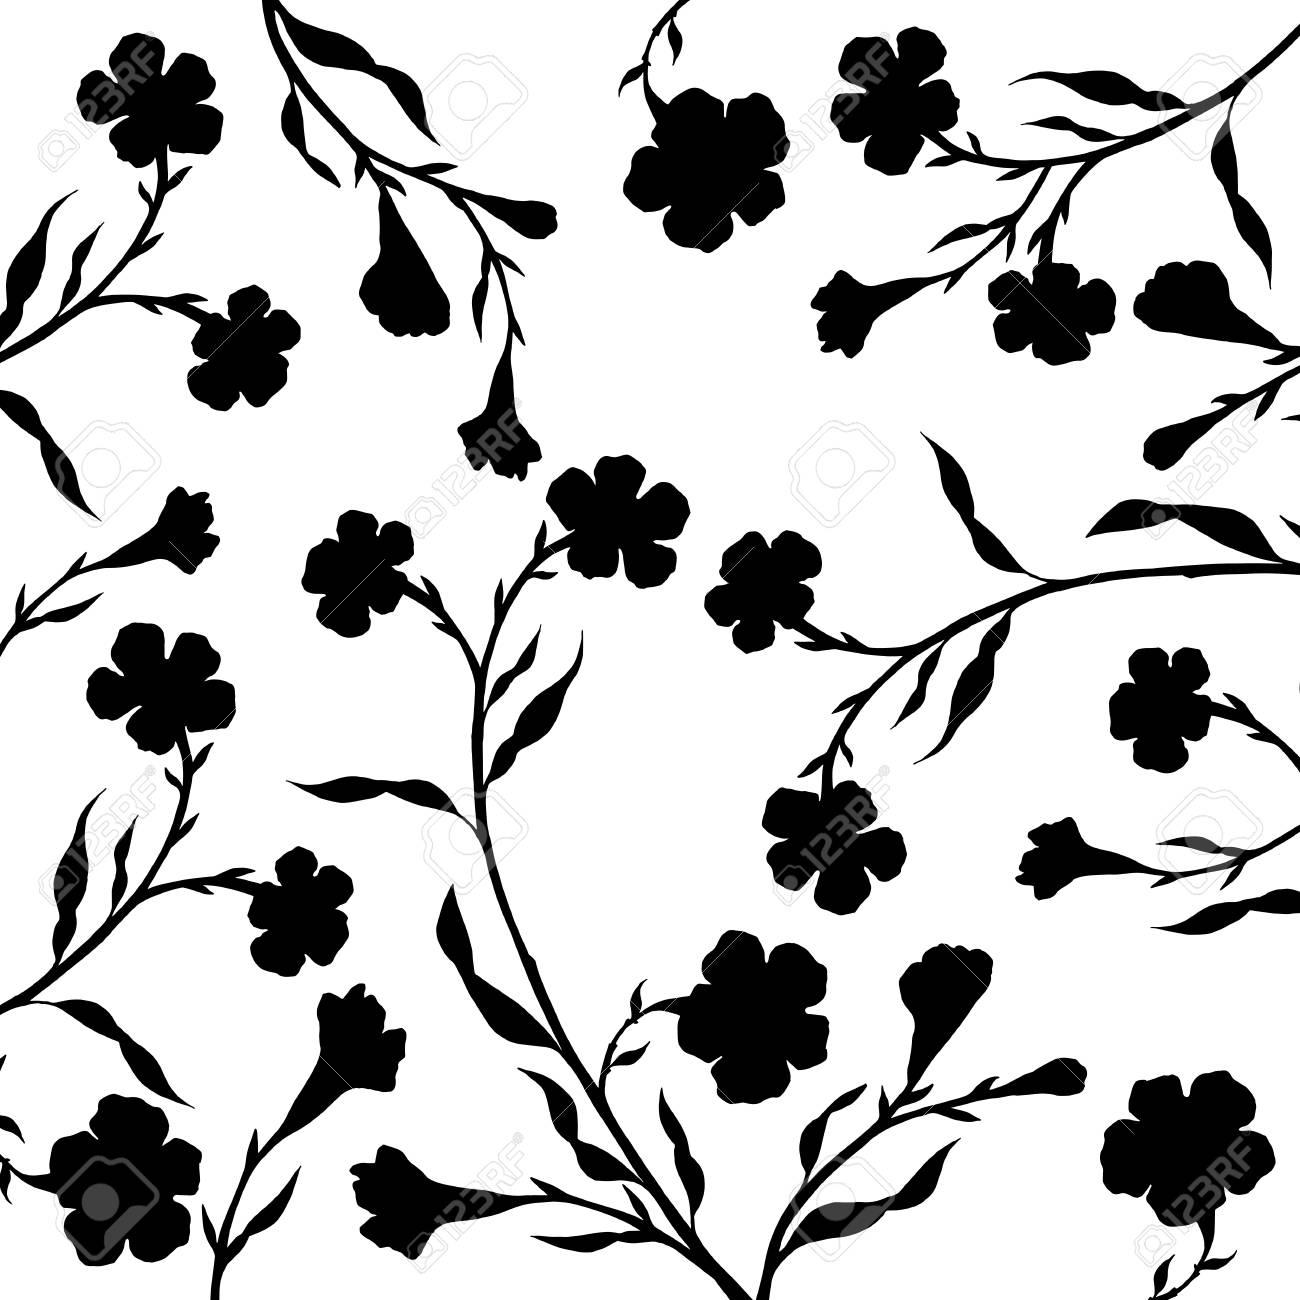 Ramas De Los árboles Con Hojas Y Flores Flores Negras Fondo Con